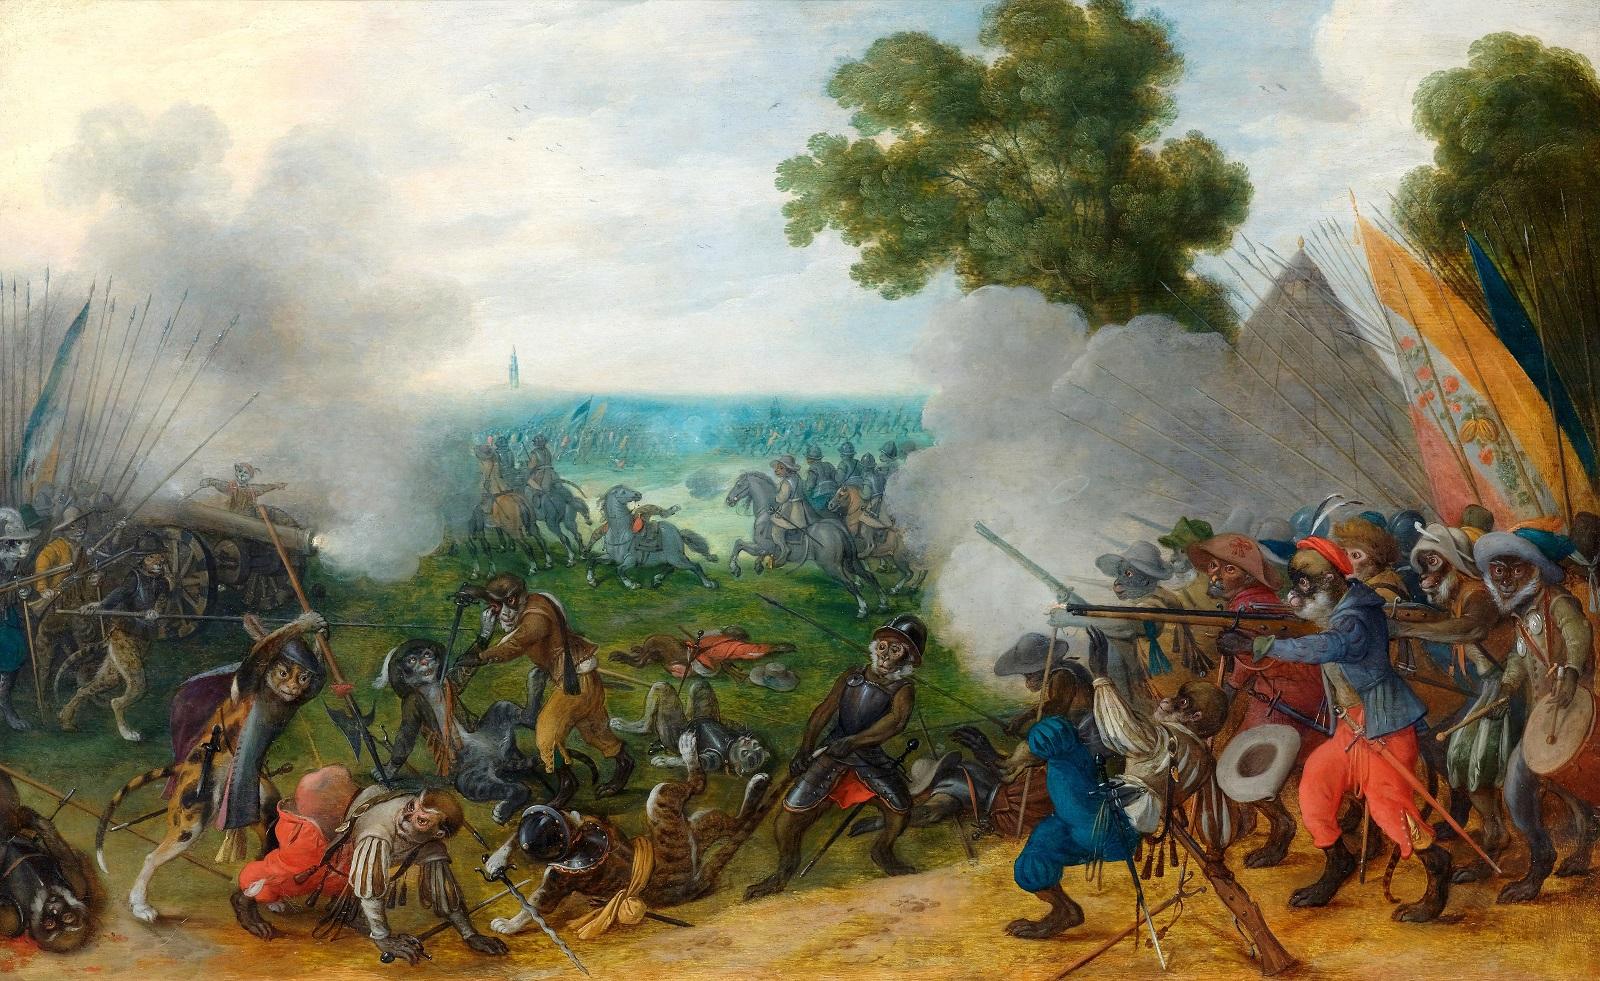 Себастьян Вранкс. Аллегорический бой между вооружёнными обезьянами и кошками во фламандском пейзаже, ок. 1630.